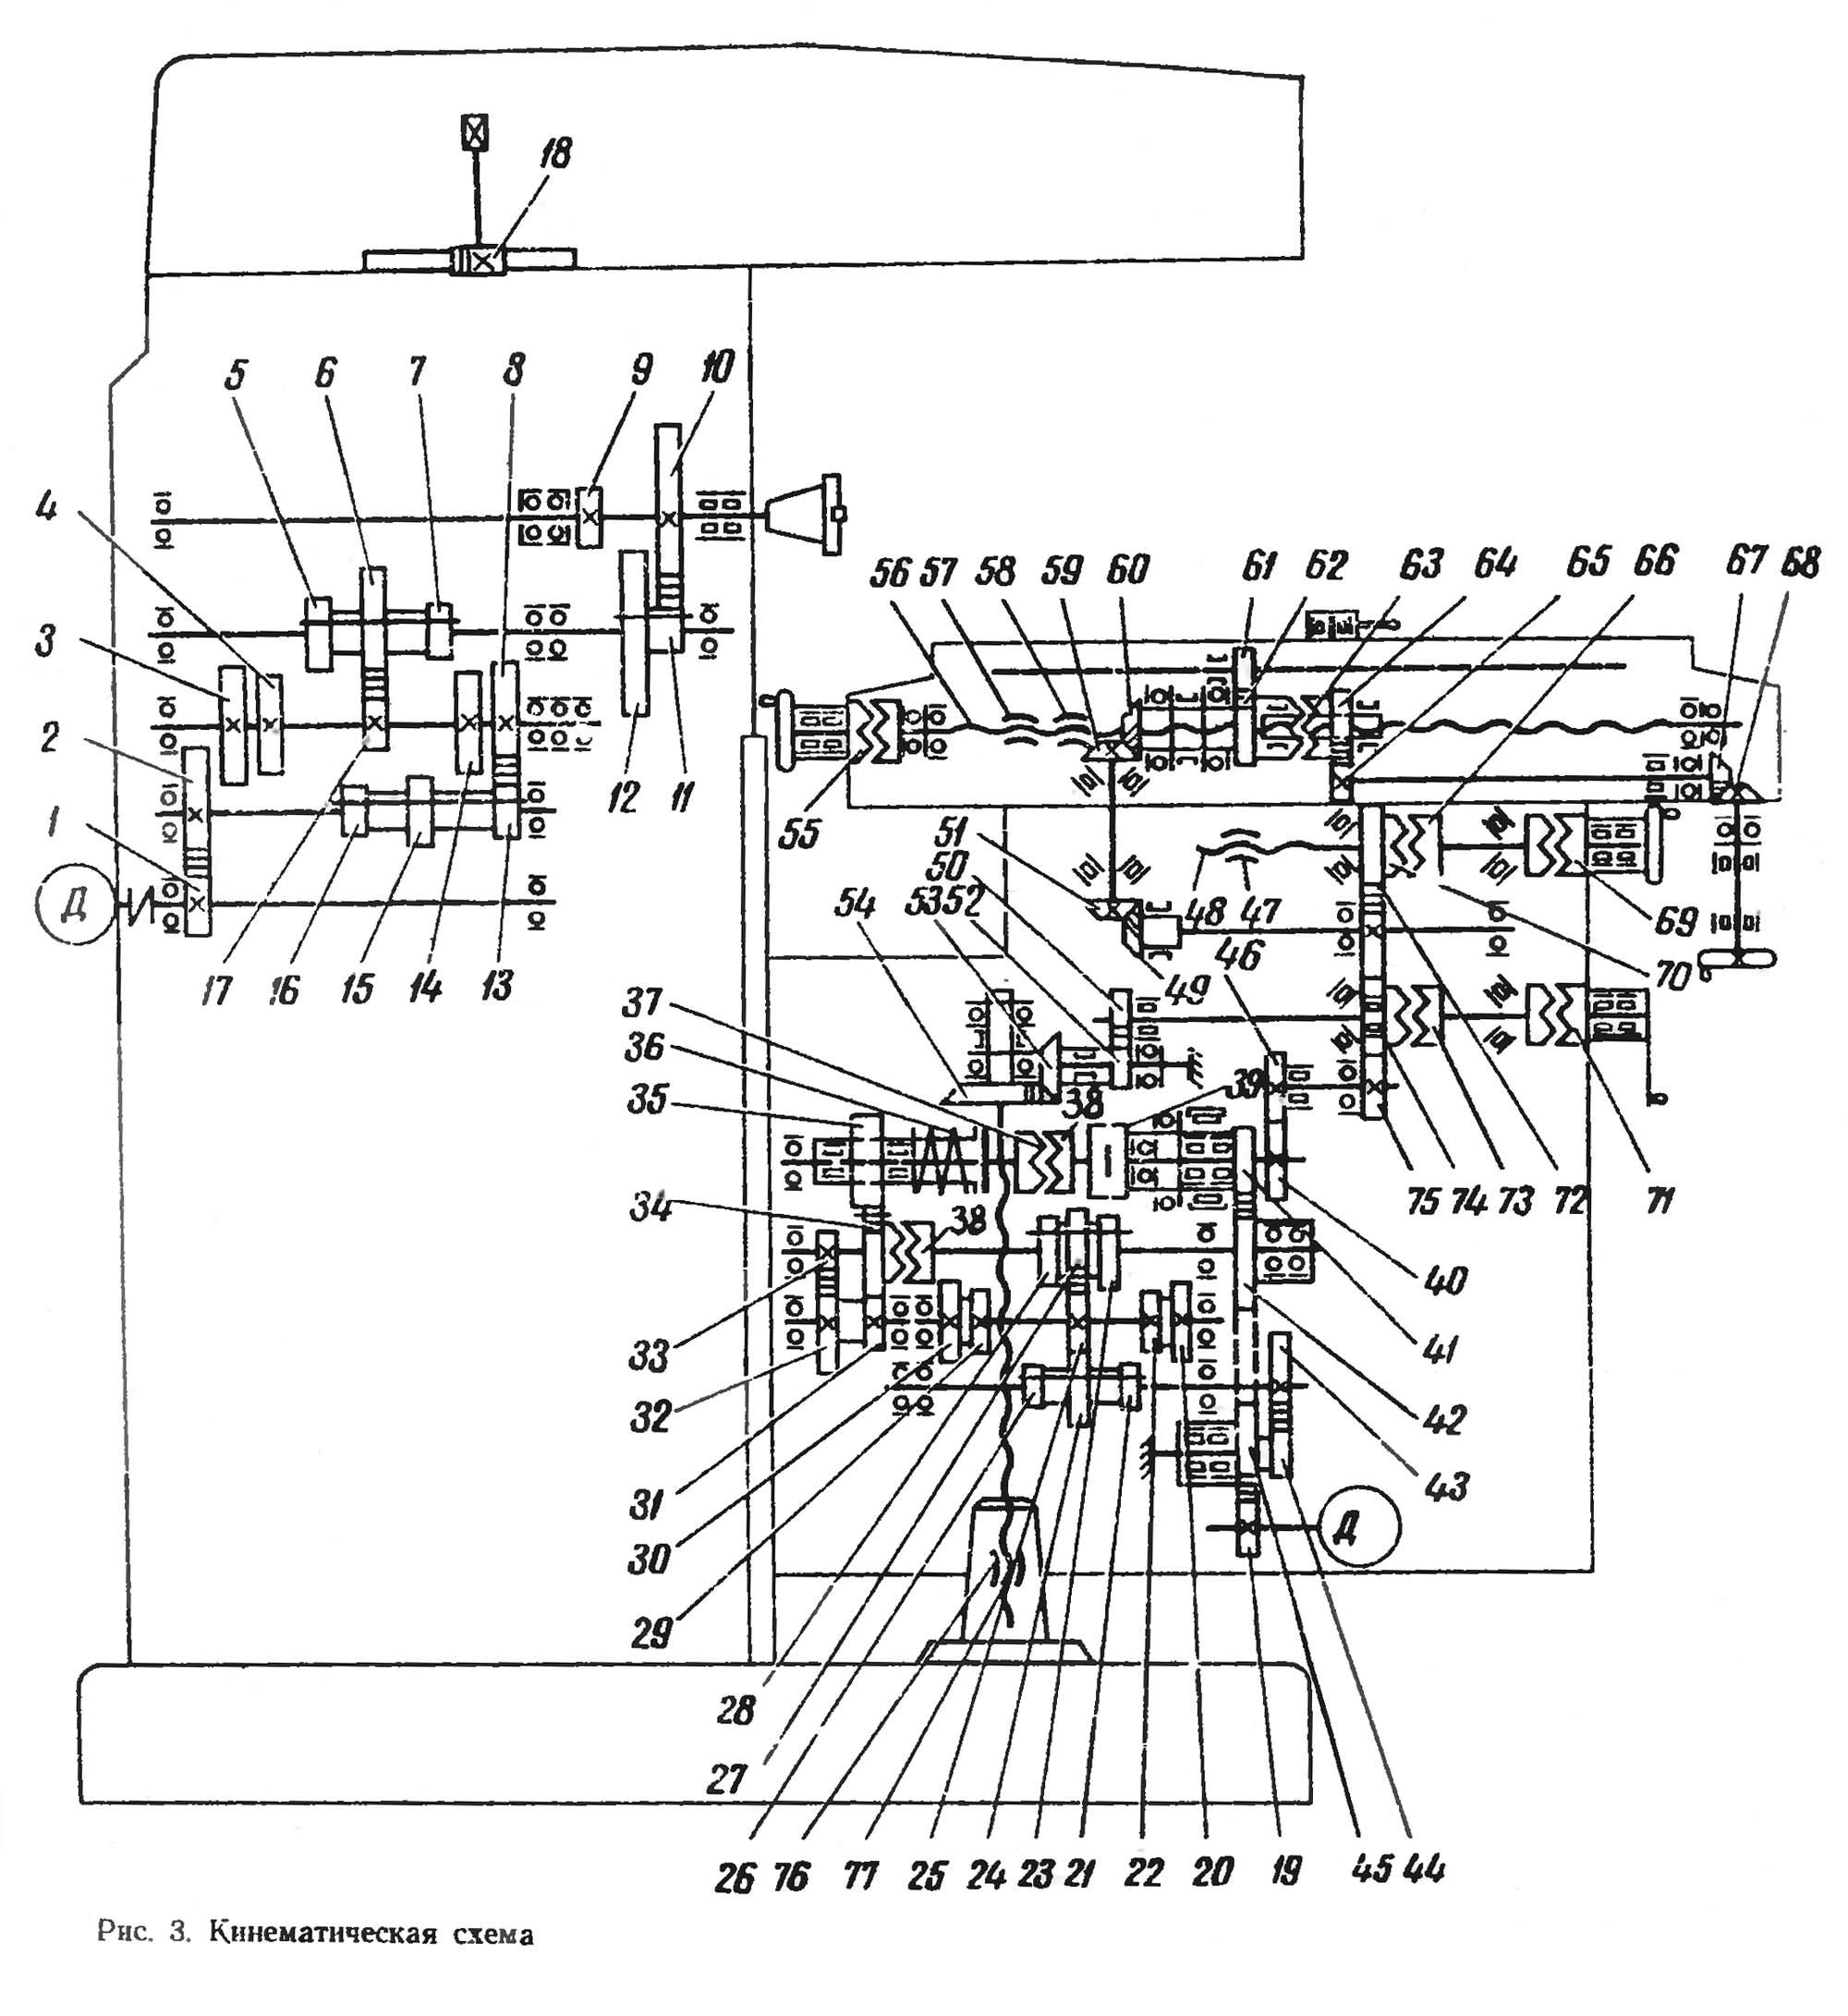 Станок фрезерный 6м12п кинематическая схема